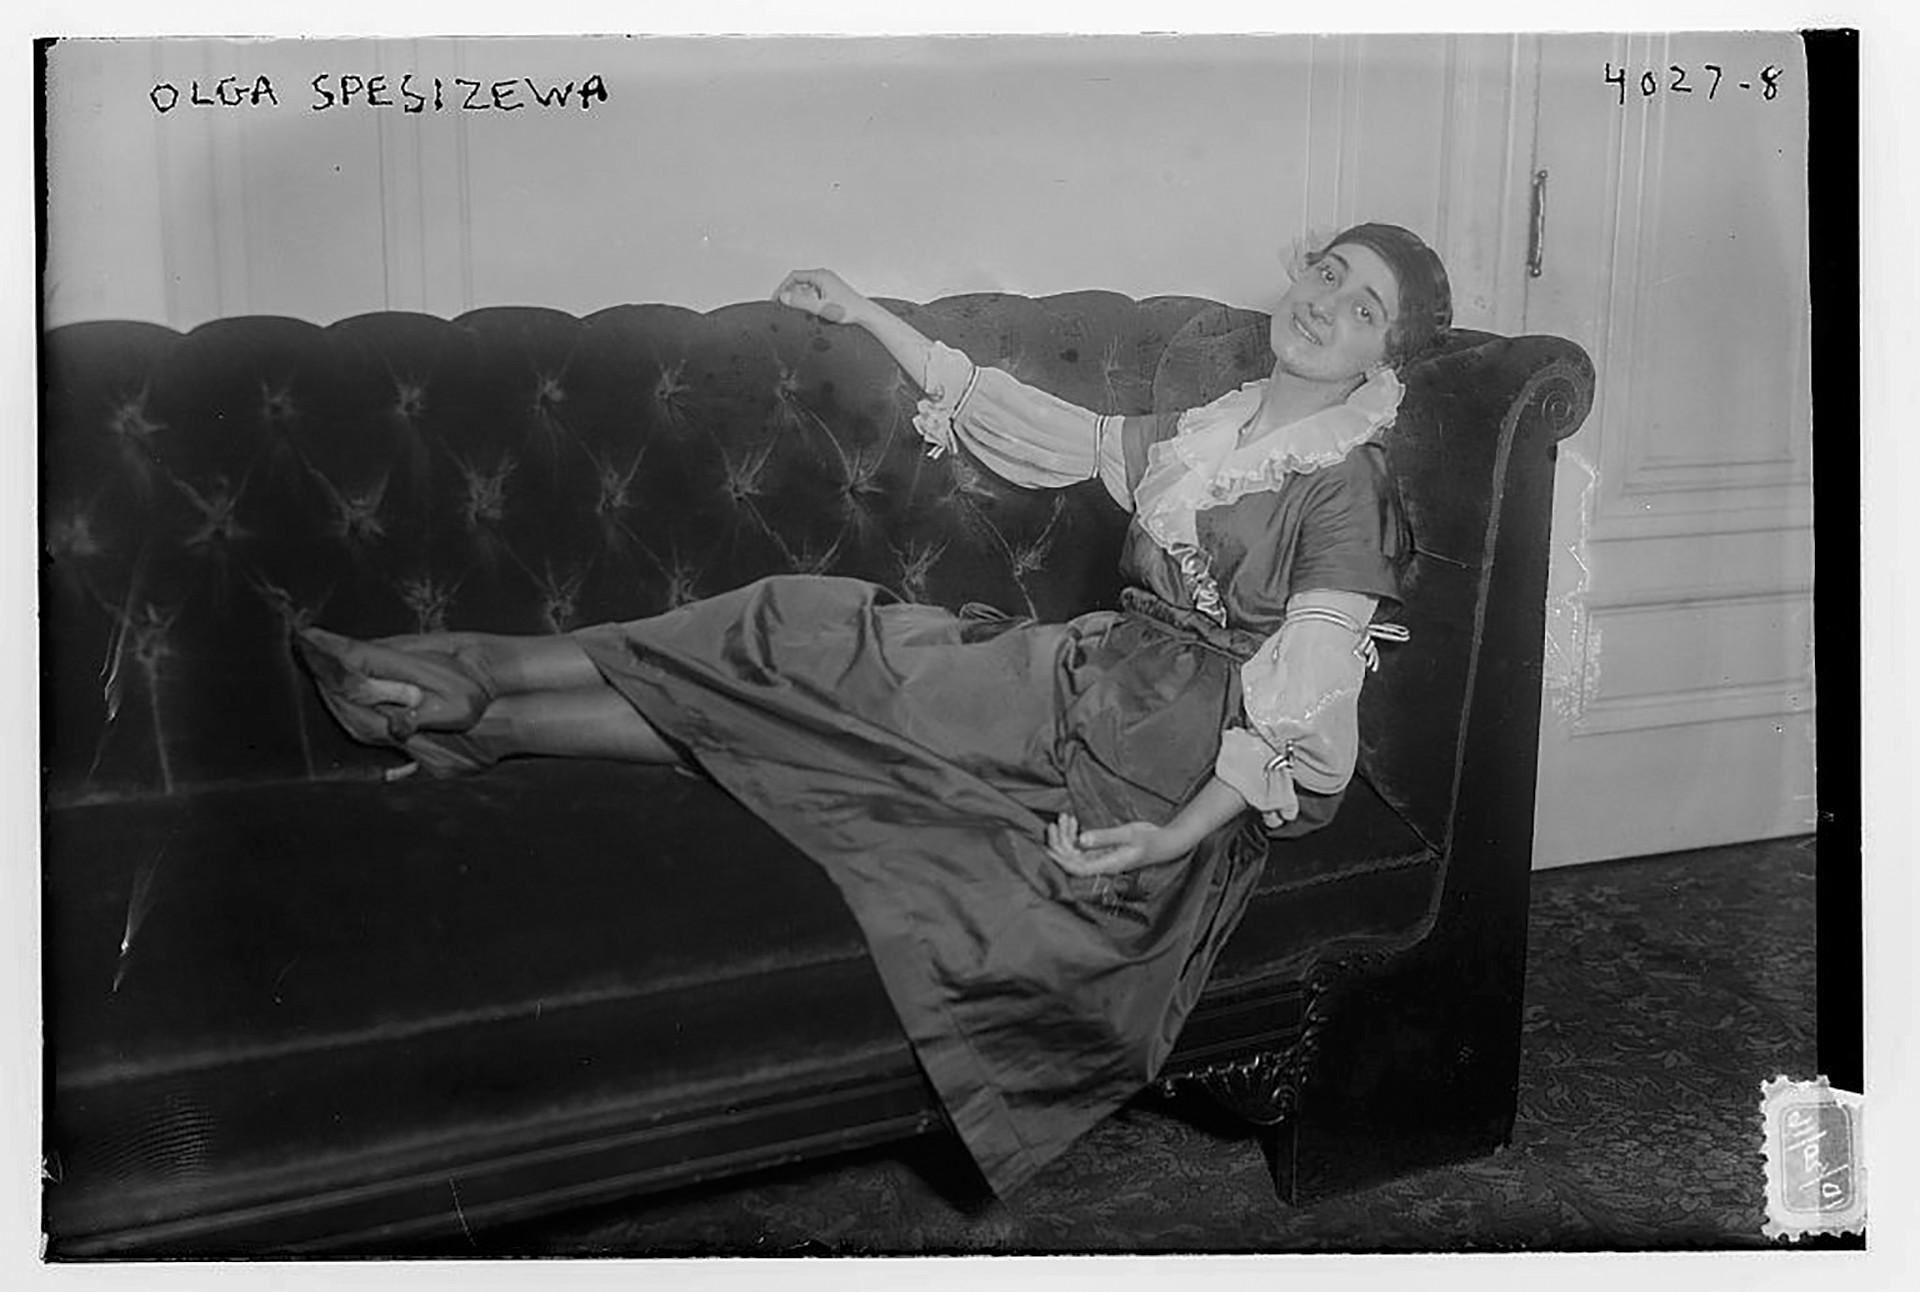 オリガ・スペシフツェワ、1917年